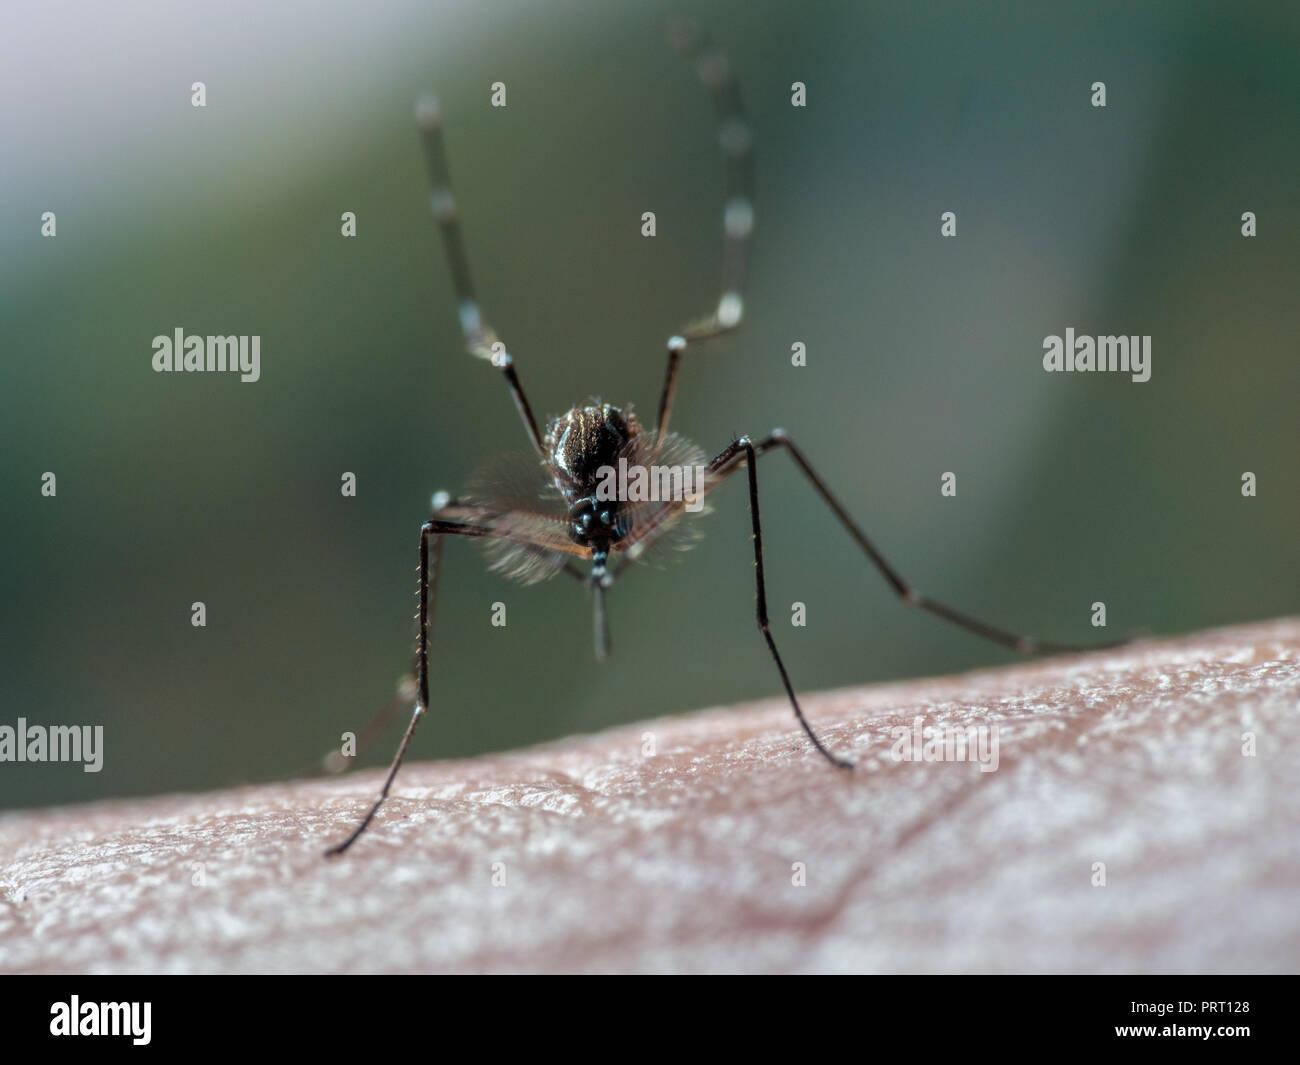 Maschio di febbre gialla (zanzara Aedes aegypti) seduto su